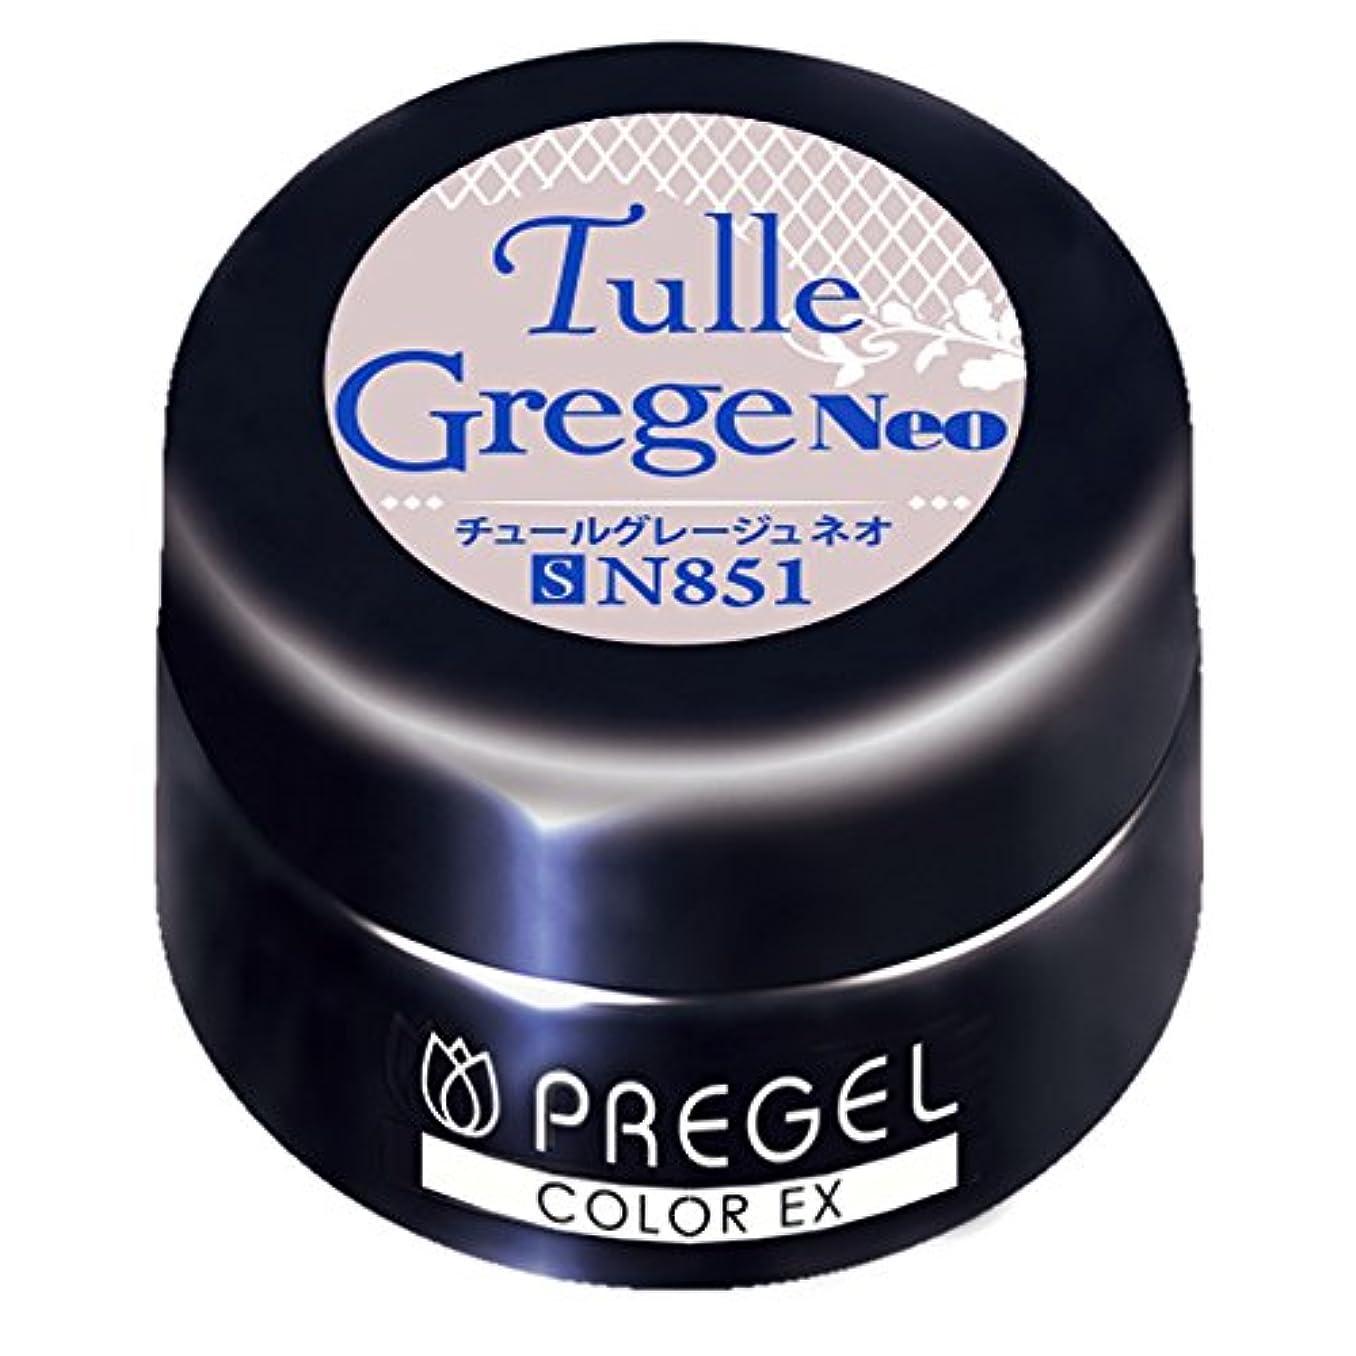 報いる唯物論フォージPRE GEL カラーEX チュールグレージュ neo 851 3g UV/LED対応